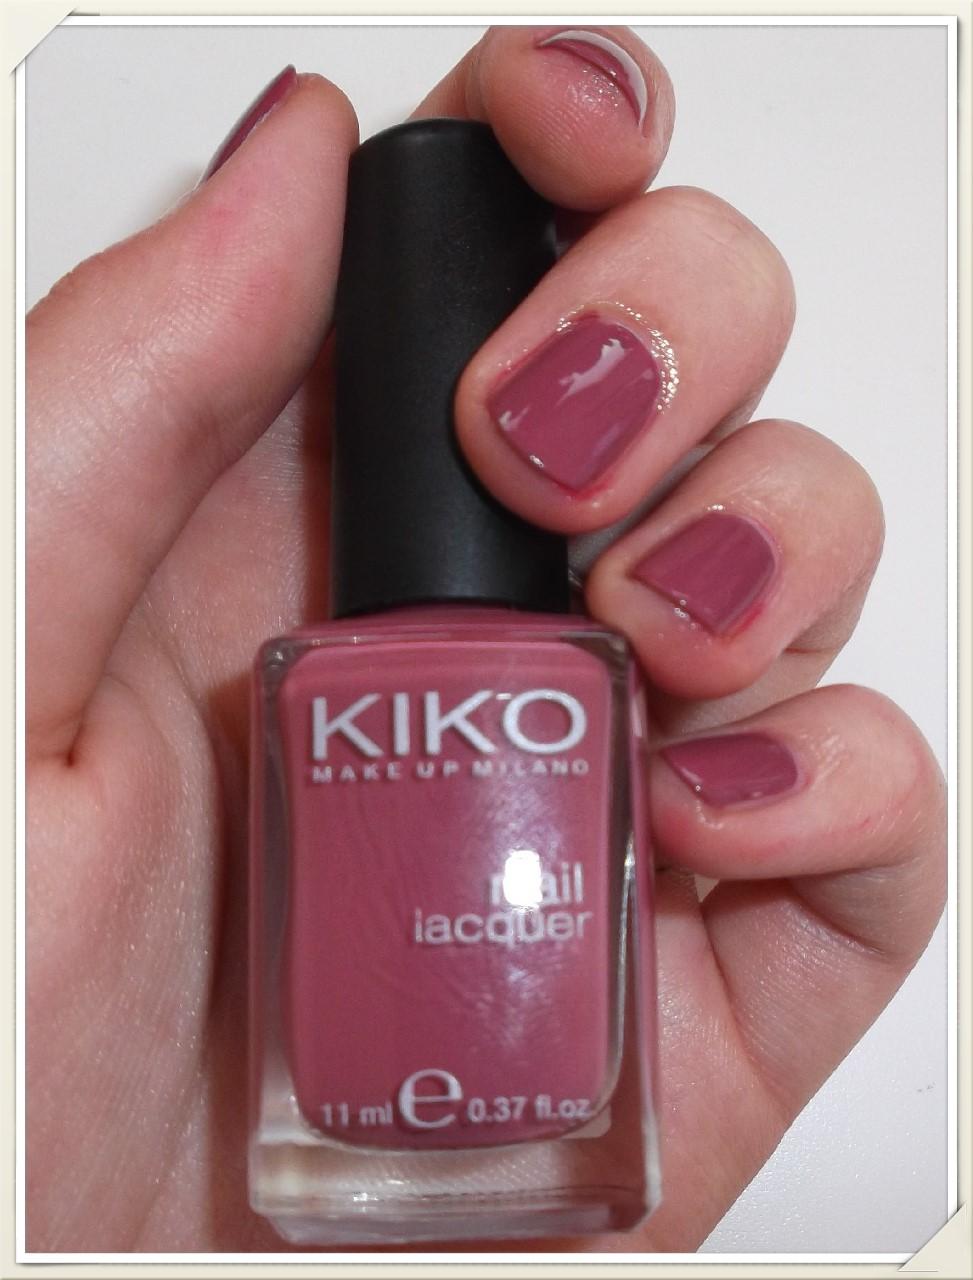 Pr sentation de mon dernier opi gouda gouda two shoes et for Kiko 365 tattoo rose